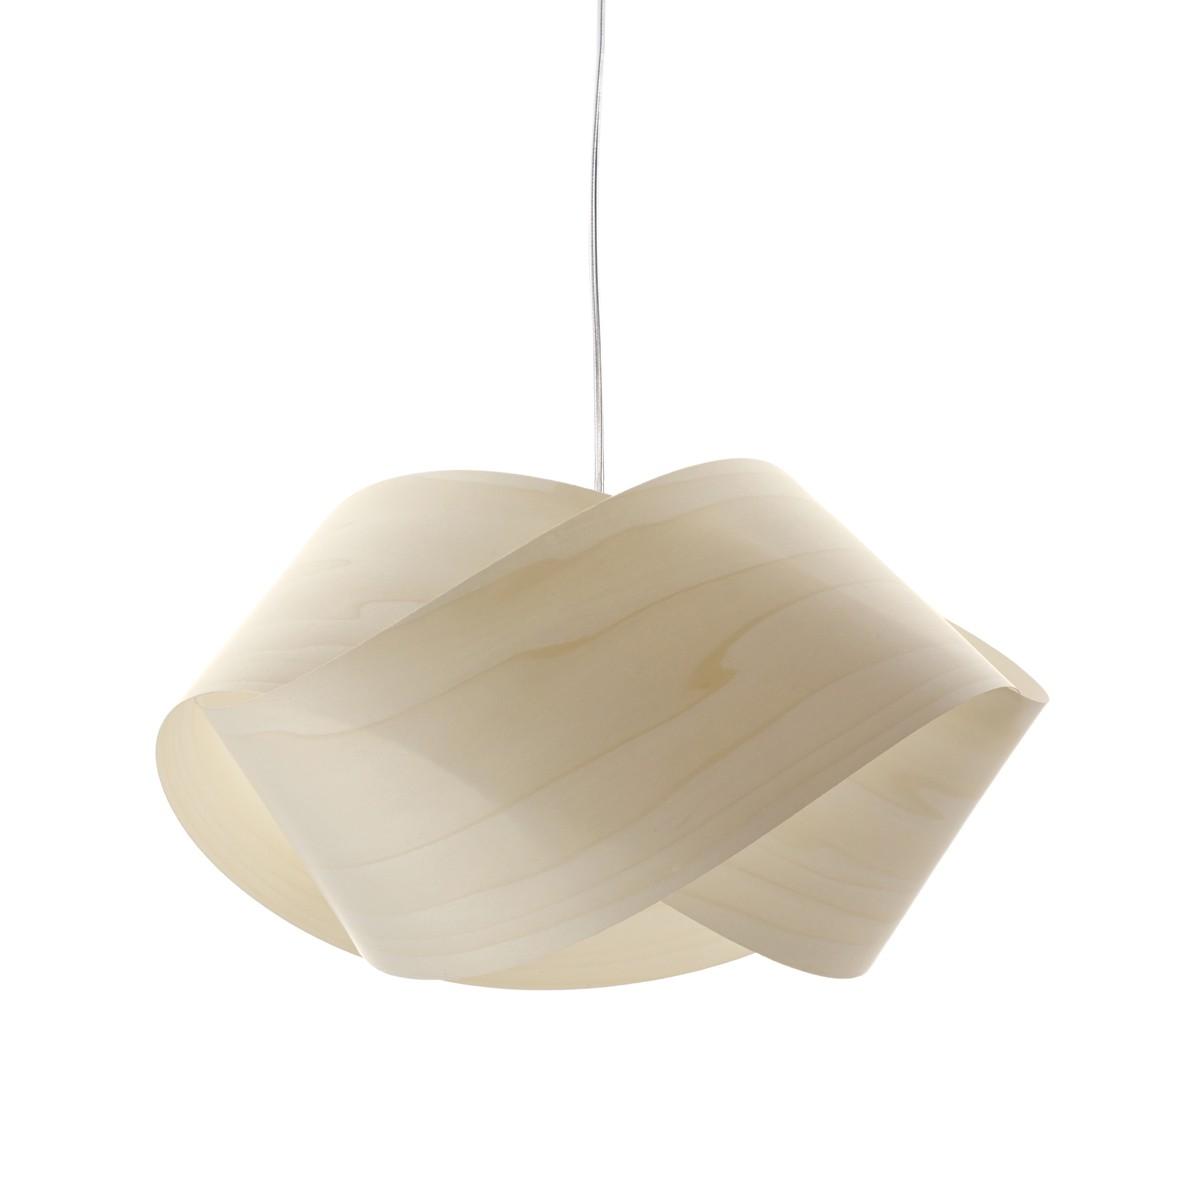 LZF Lamps Nut Pendelleuchte, elfenbeinweiß